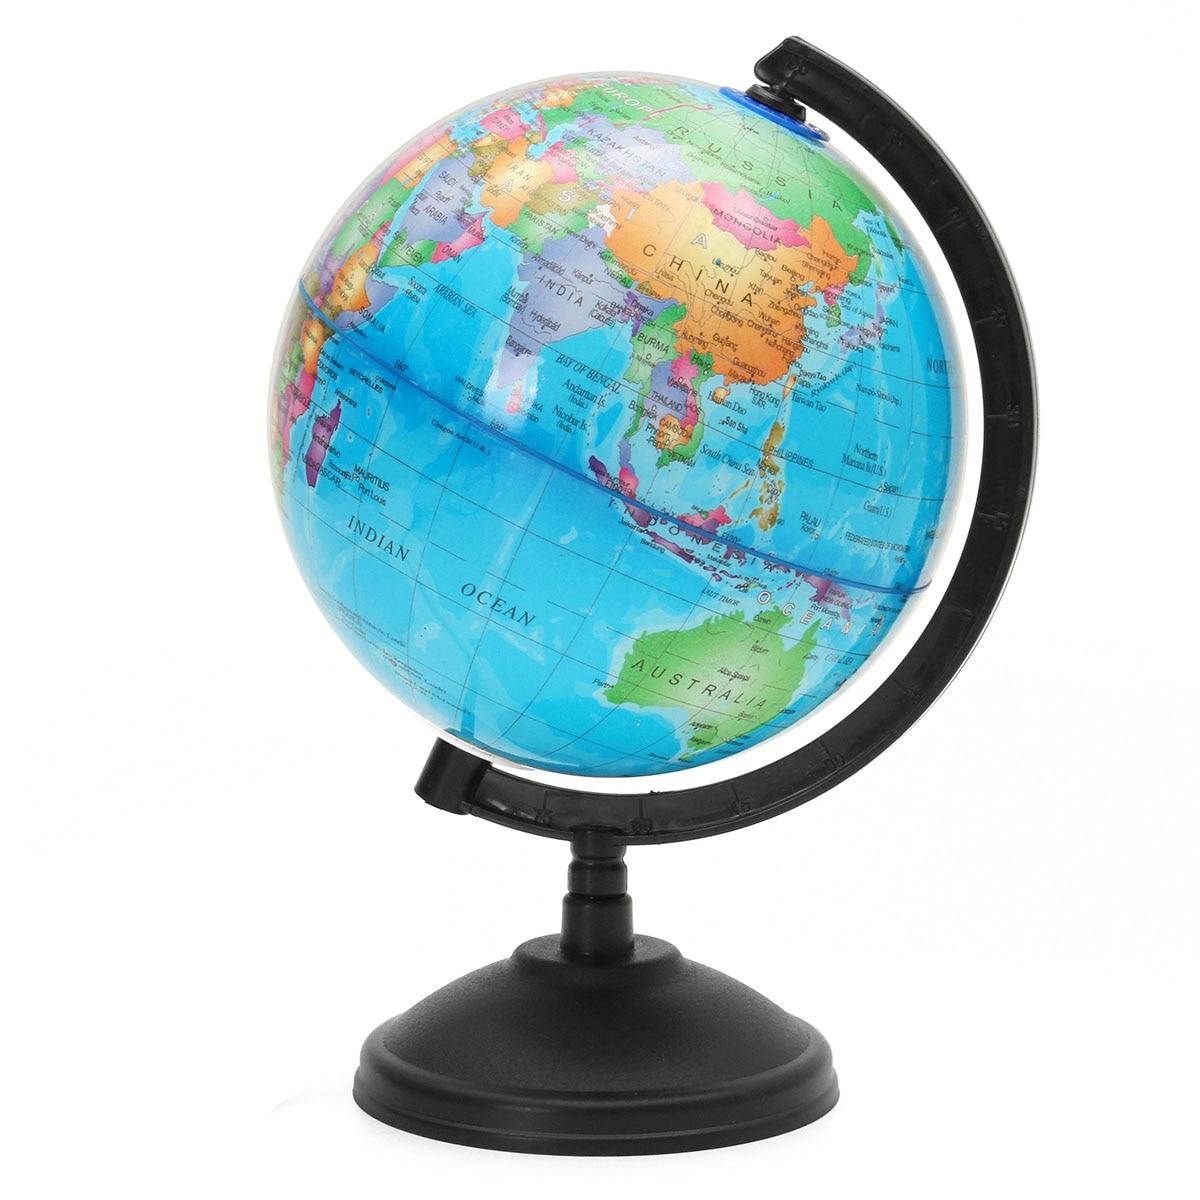 Земной Глобус земной шар Карта мира Светодиодный светильник география Образование игрушка с подставкой украшение дома Офис орнамент детский подарок